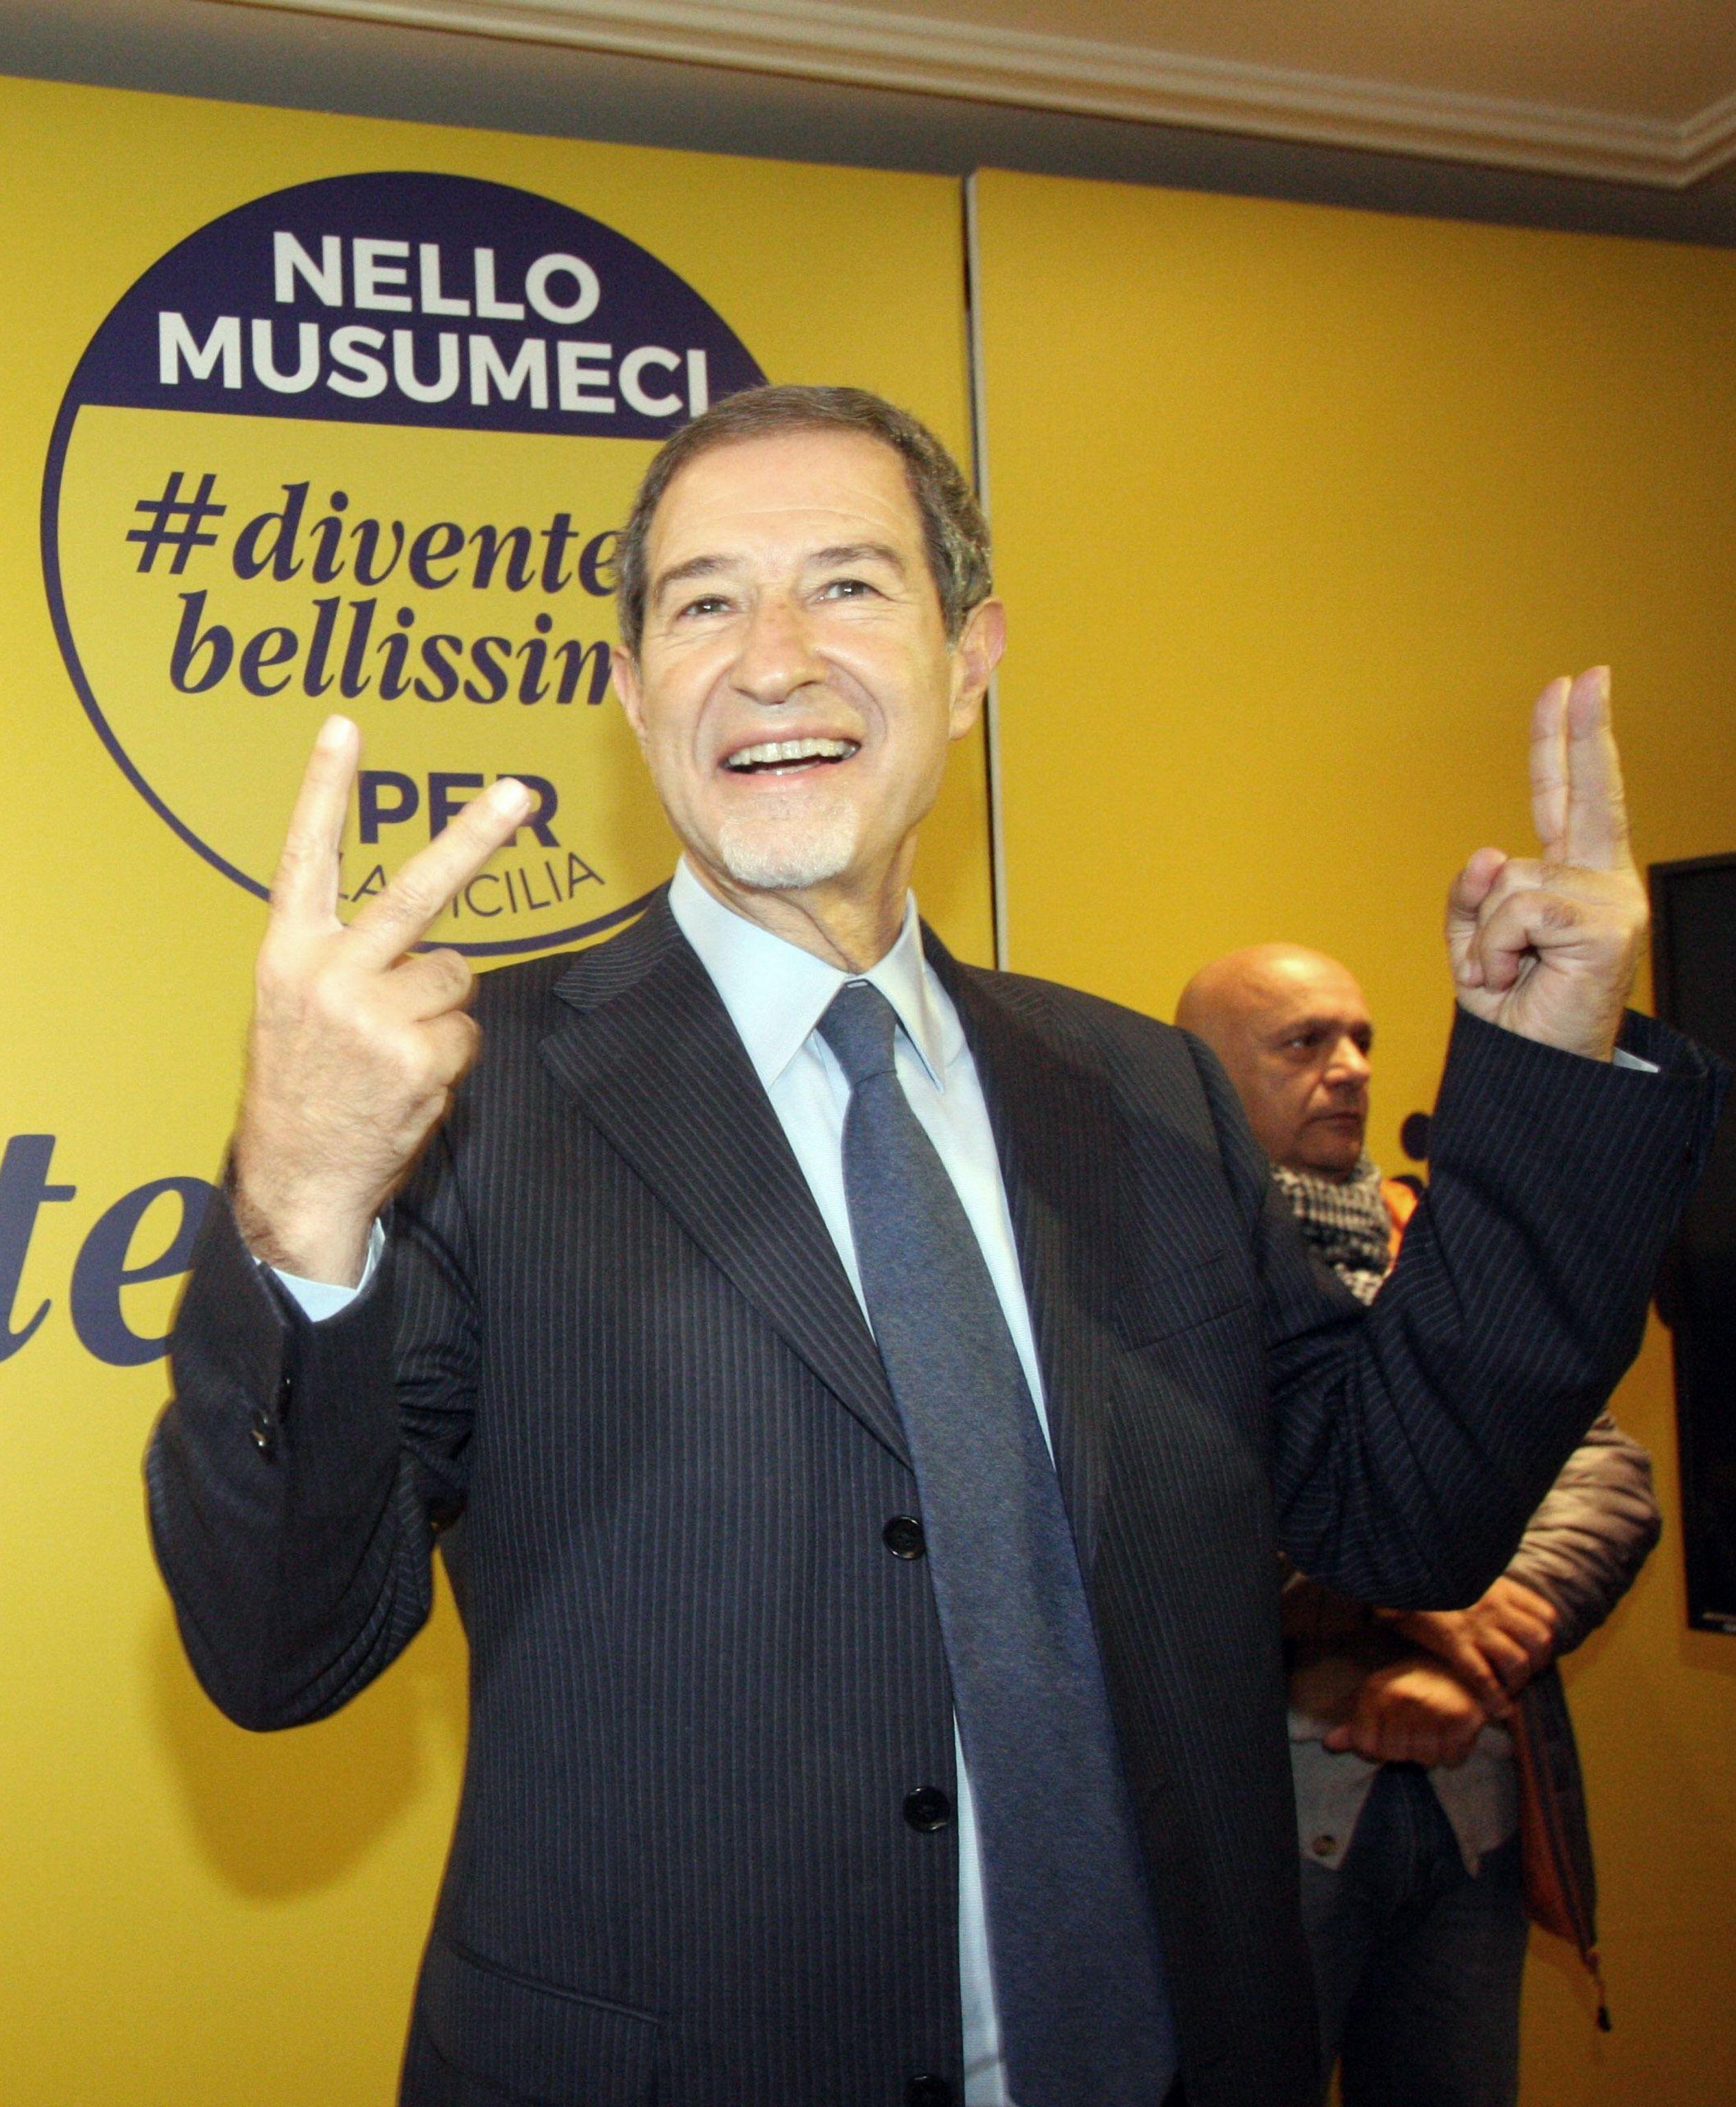 Elezioni Sicilia, risultati e affluenza: Nello Musumeci è il vincitore